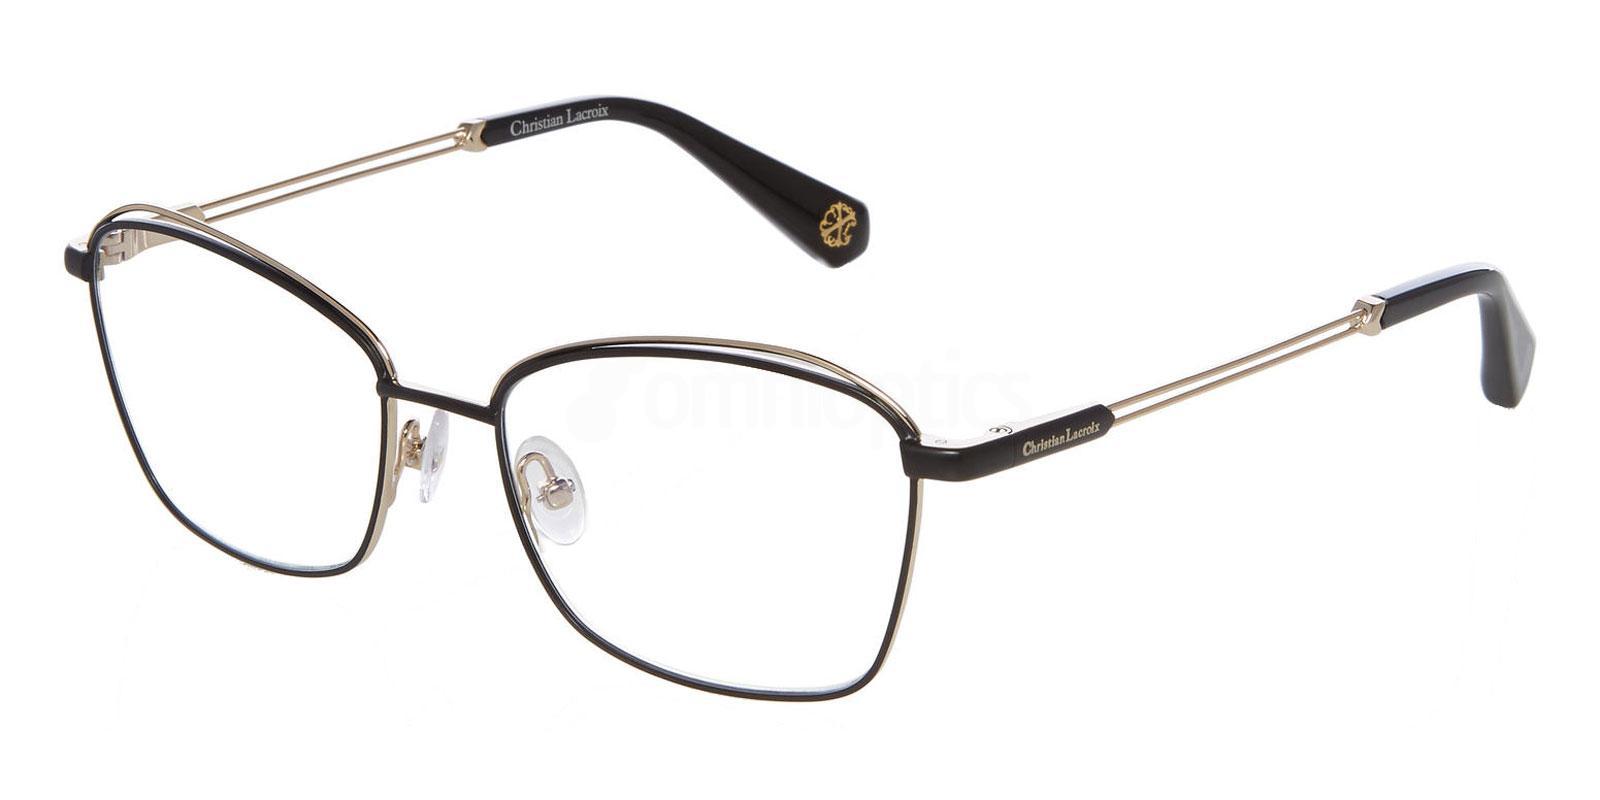 004 CL3052 Glasses, Christian Lacroix